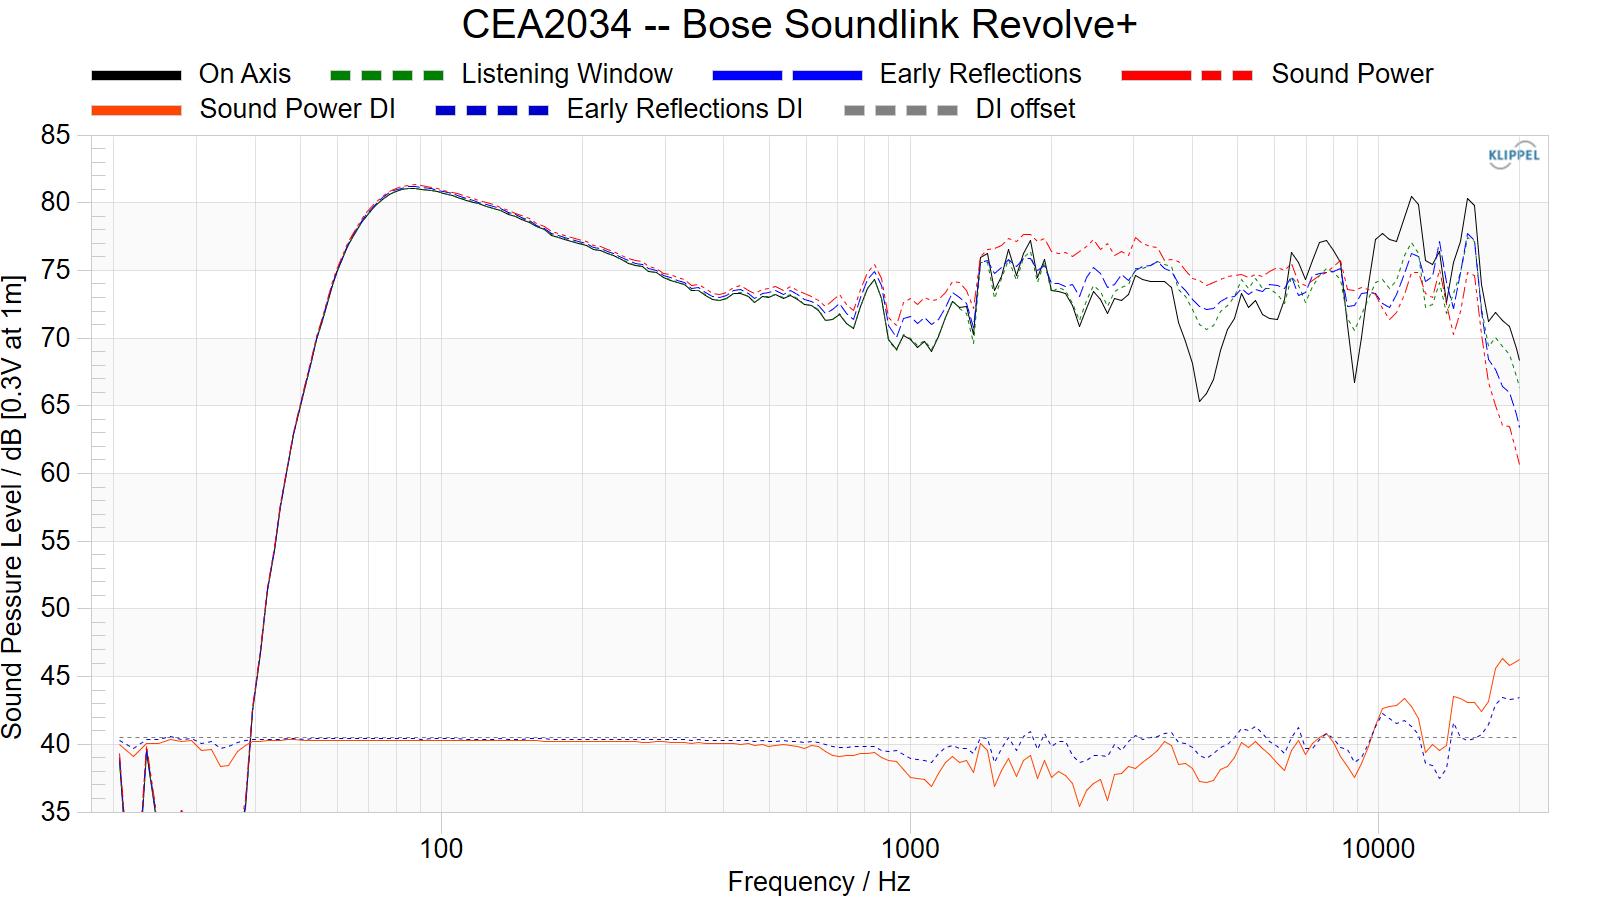 CEA2034%20--%20Bose%20SoundLink%20Revolve%2B.png